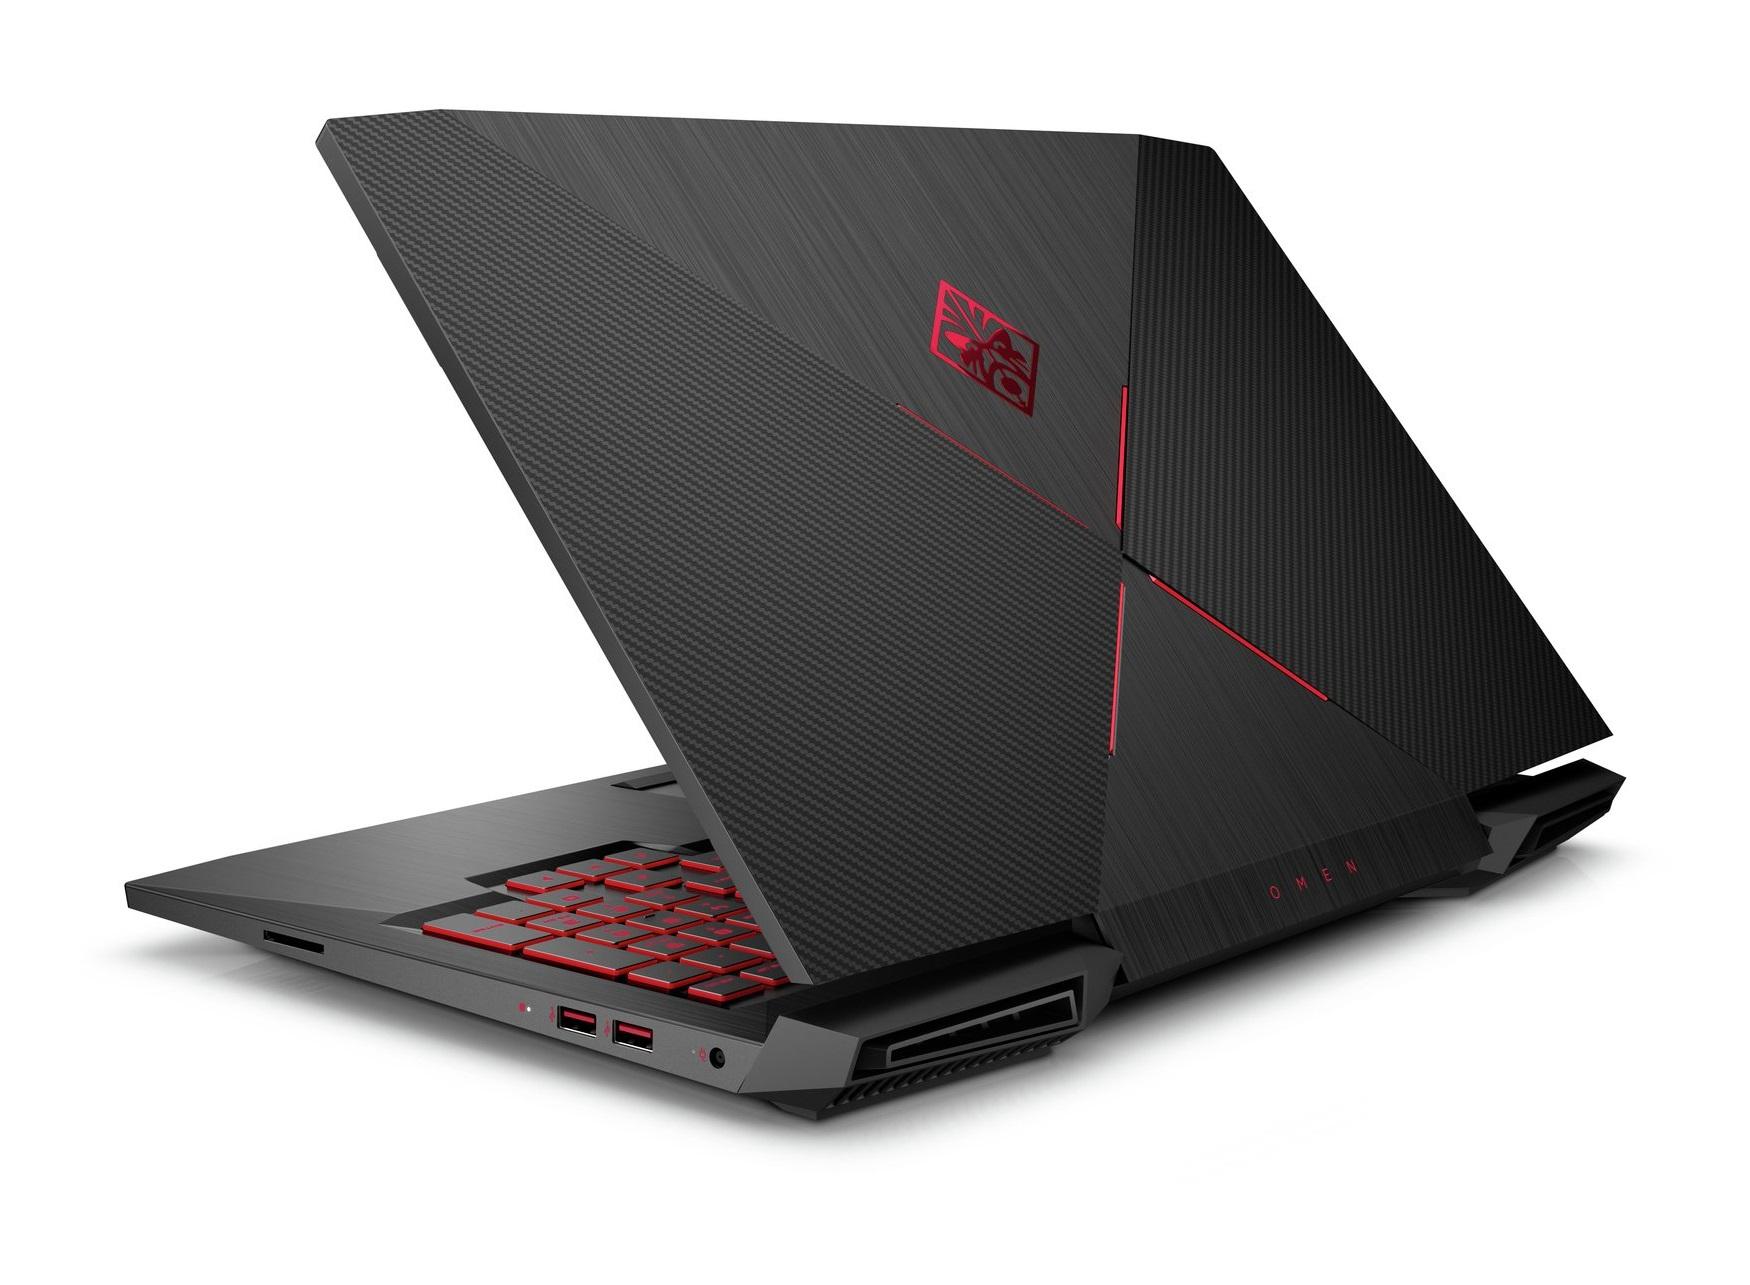 Başlangıç seviyesi bir oyuncu için uygun bir bilgisayardır.